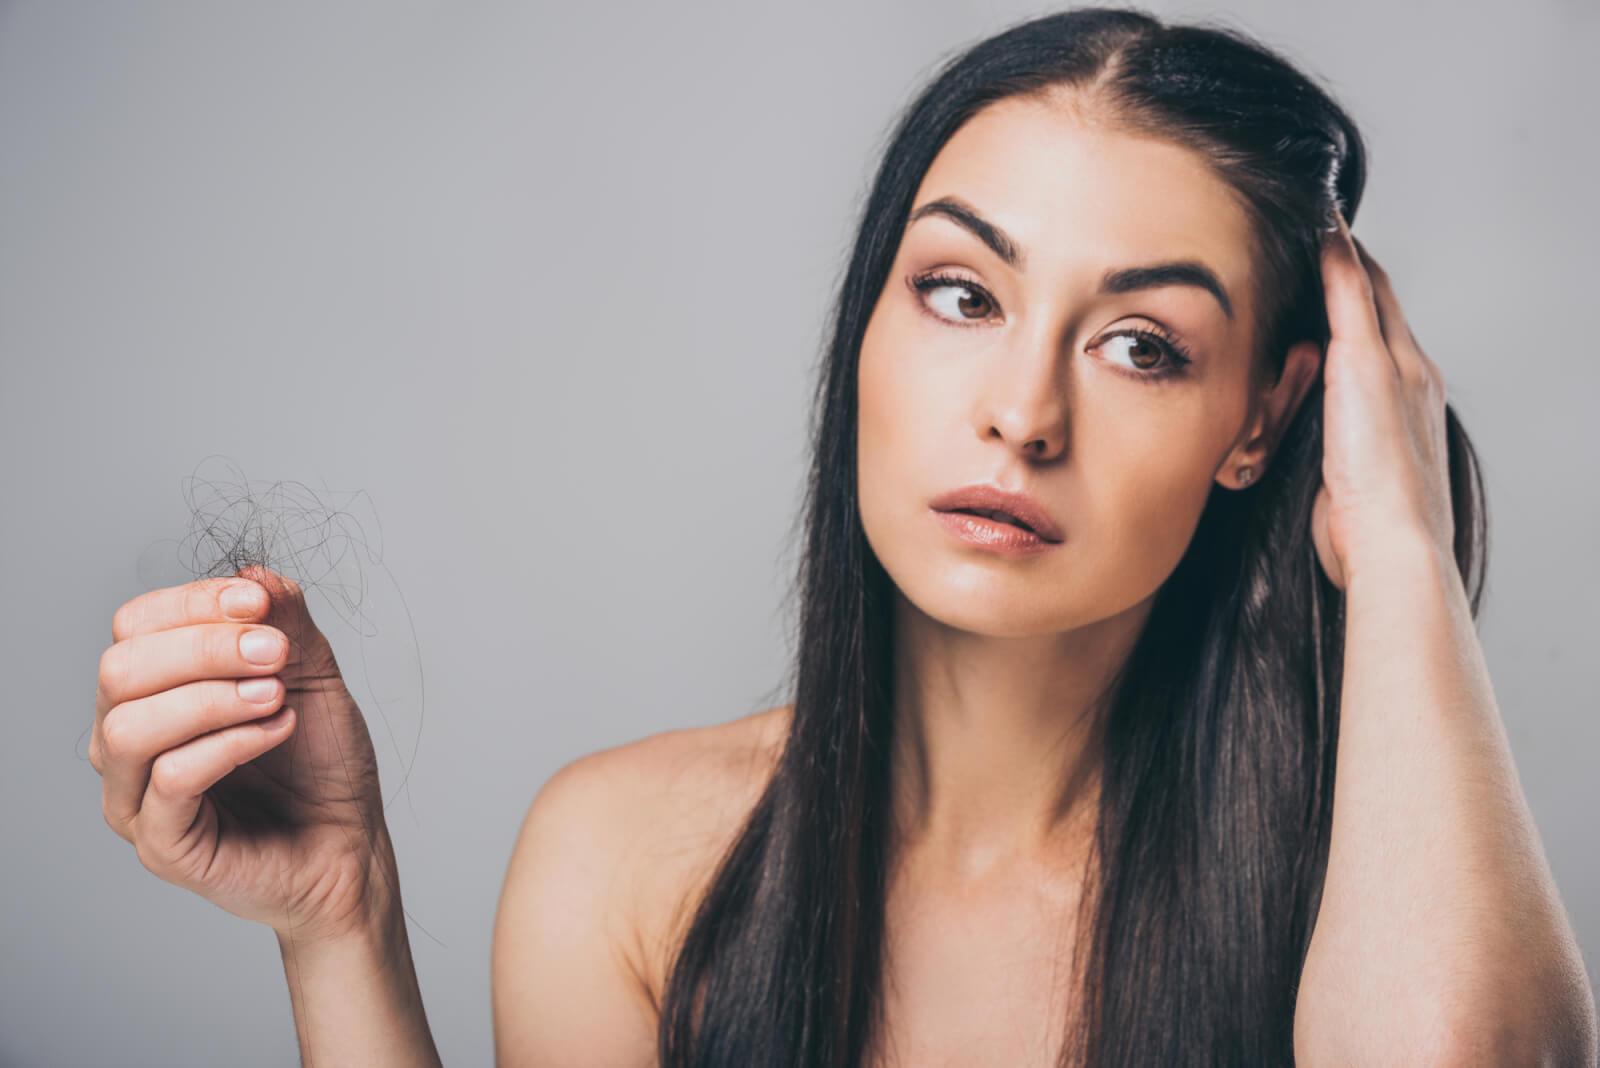 At være kvinde og lide af hårtab